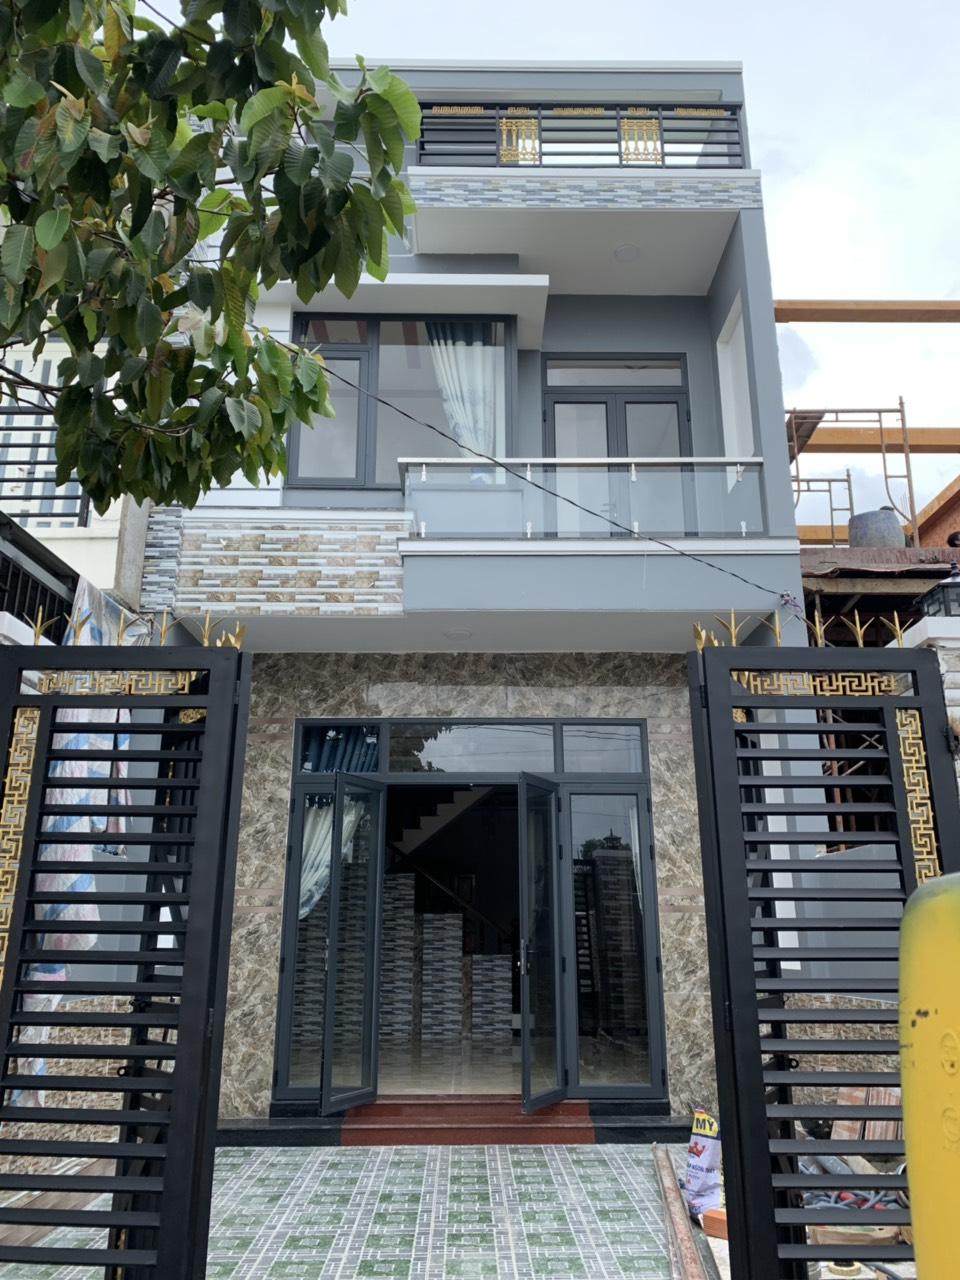 Bán nhà sổ hồng riêng 1 lầu 1 trệt mới hoàn thiện DT 100m2 full thổ cư thị xã Dĩ An